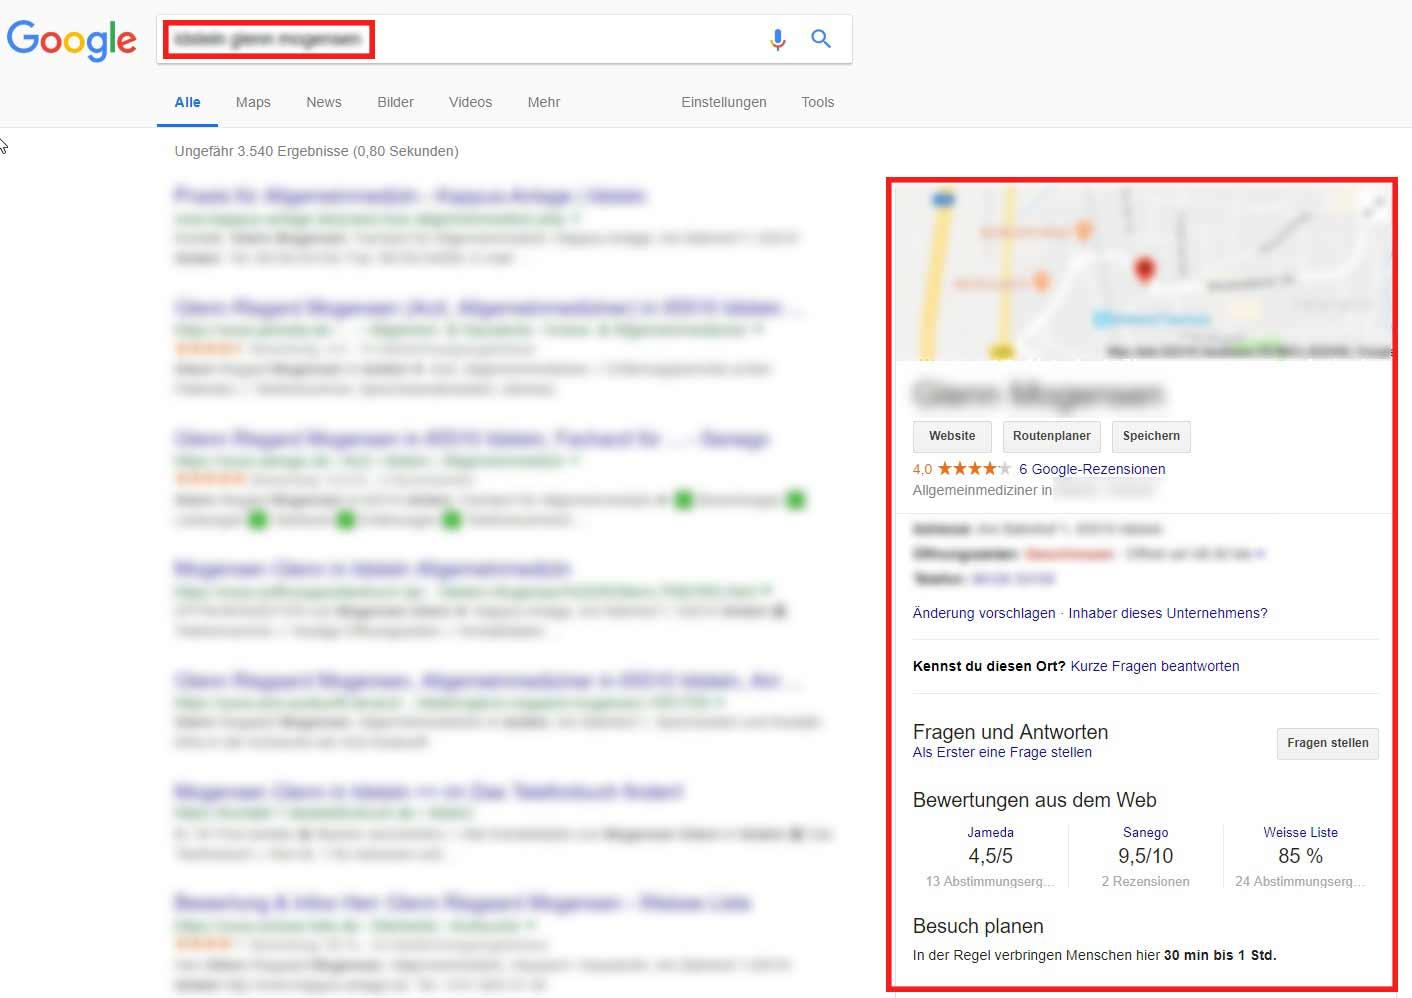 In dem sogenannten Google My Businessprofil werden Kontaktinformationen zur Arztpraxis oder Klinik dargestellt und ein aggregierter Gesamtzustand der Bewertungssituation – ausgehend von den verschiedenen Portalen – dargestellt.